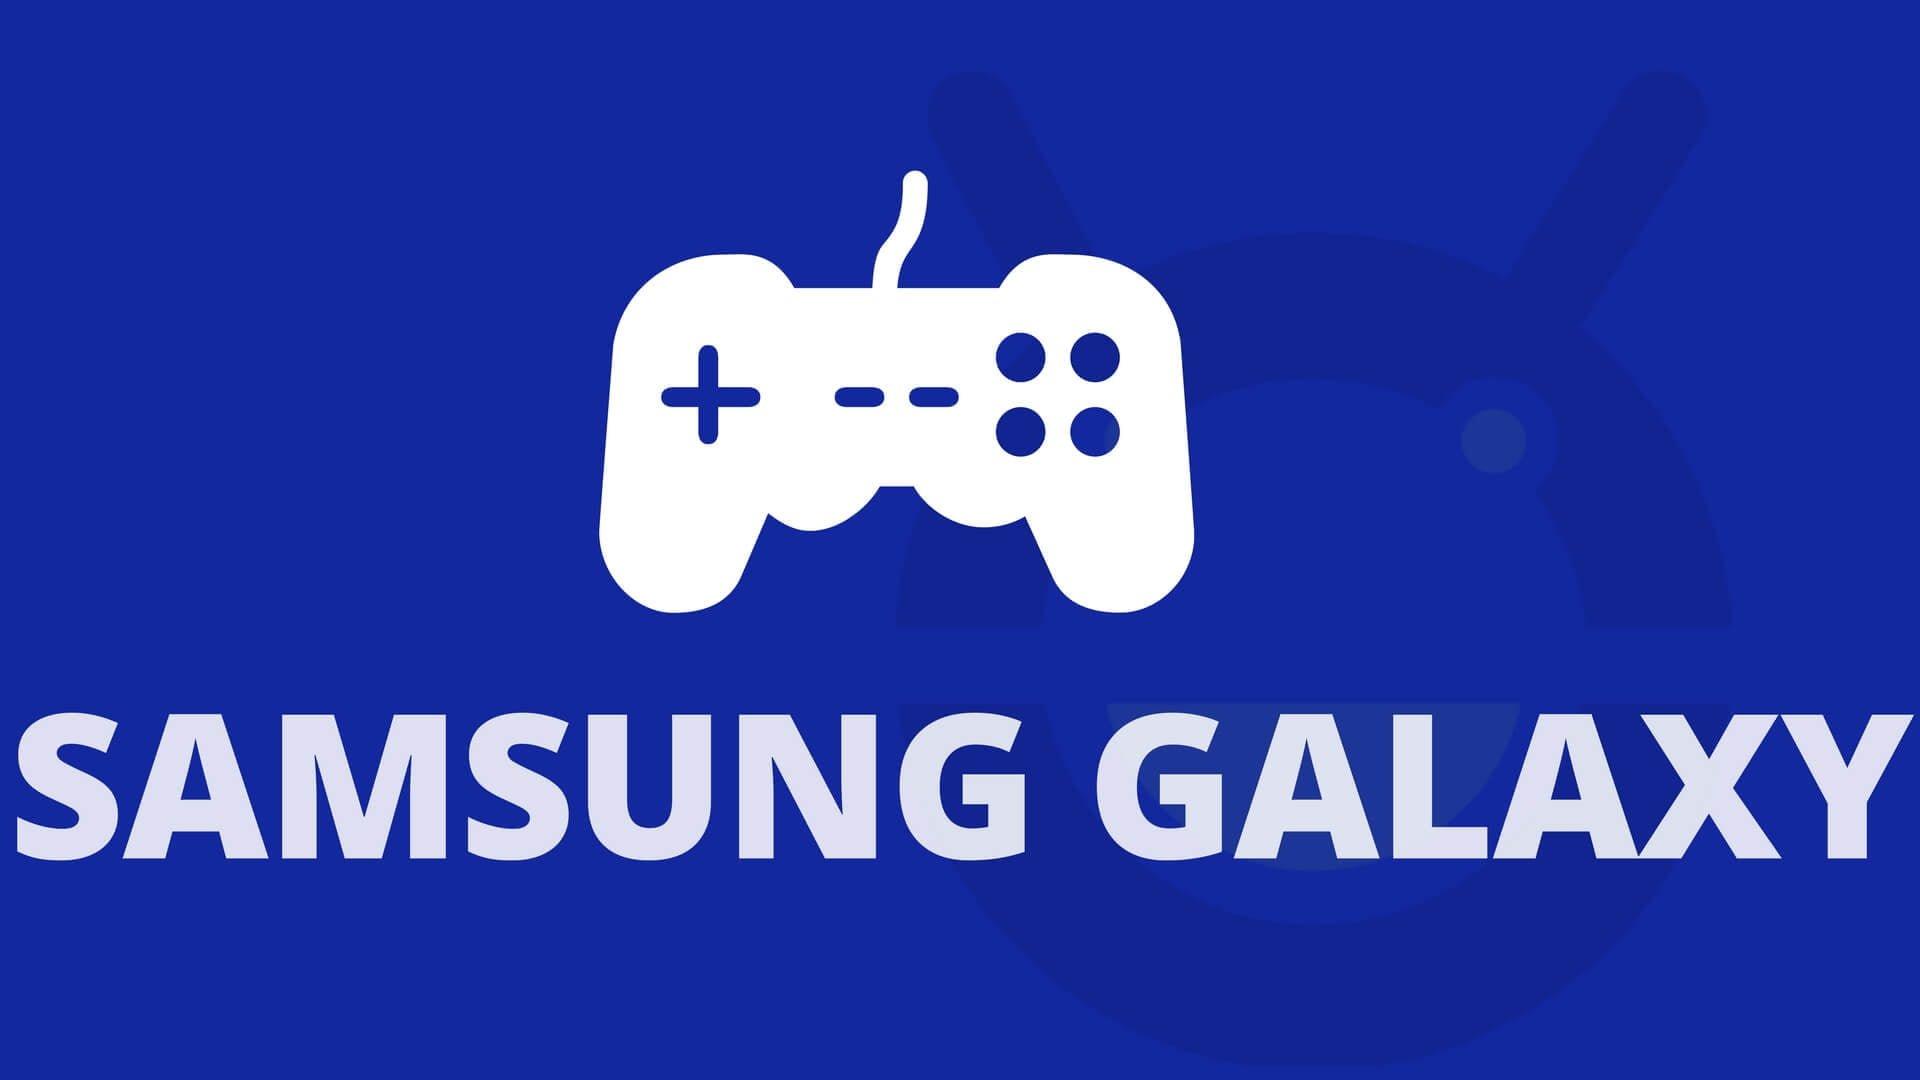 Exkurs: Gute Spiele für Samsung Galaxy-Modelle, die auf Filmen basieren